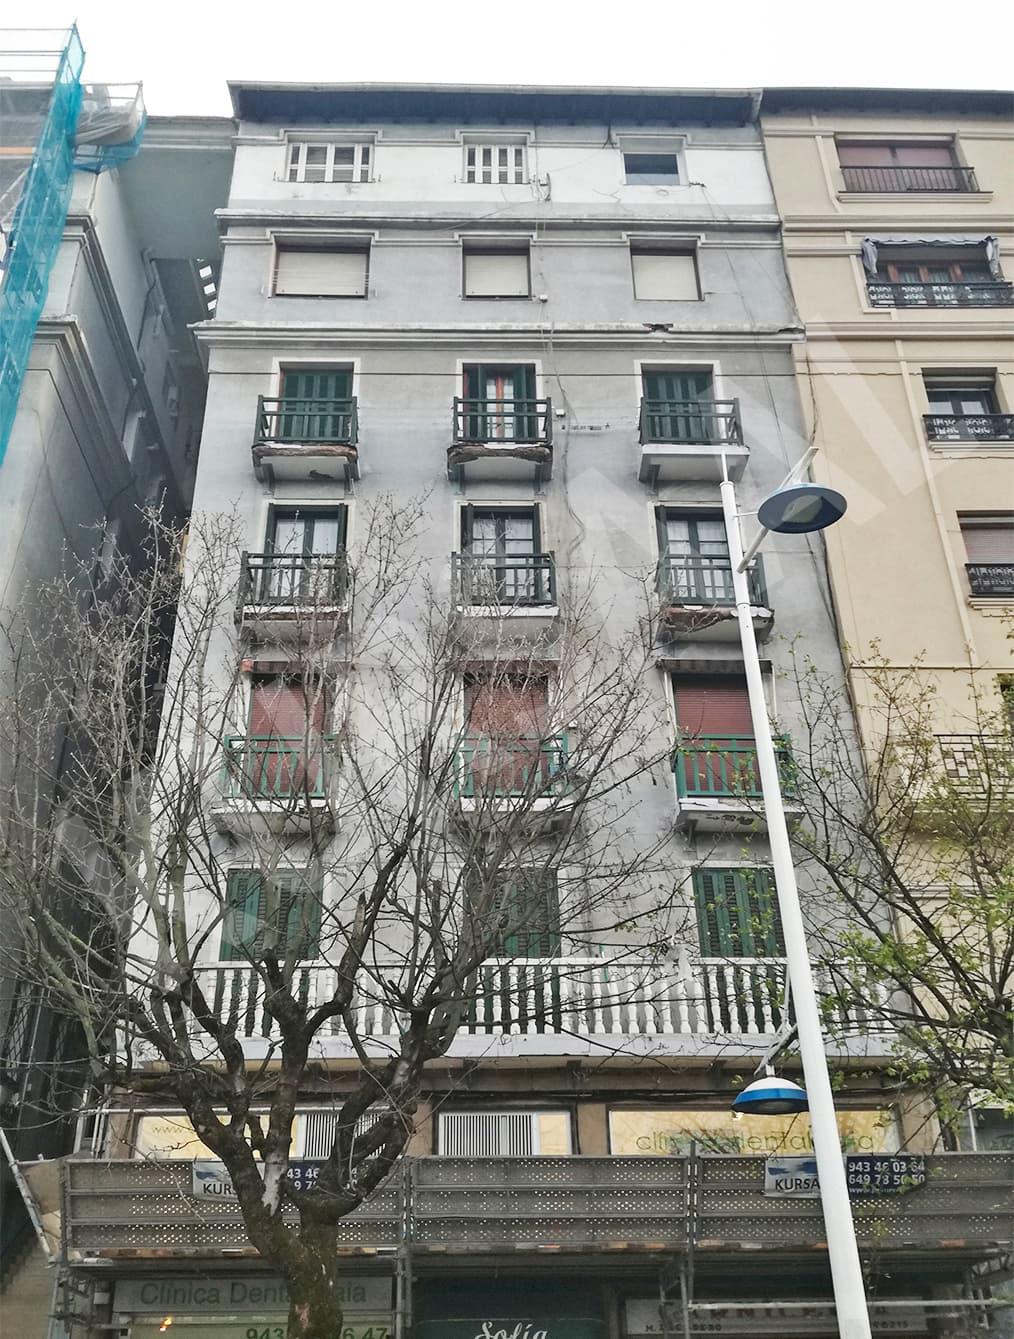 foto 3 - Aislamientos Térmicos y Eficiencia Energética-Euskadi Etorbidea, 17-PASAIA, GIPUZKOA